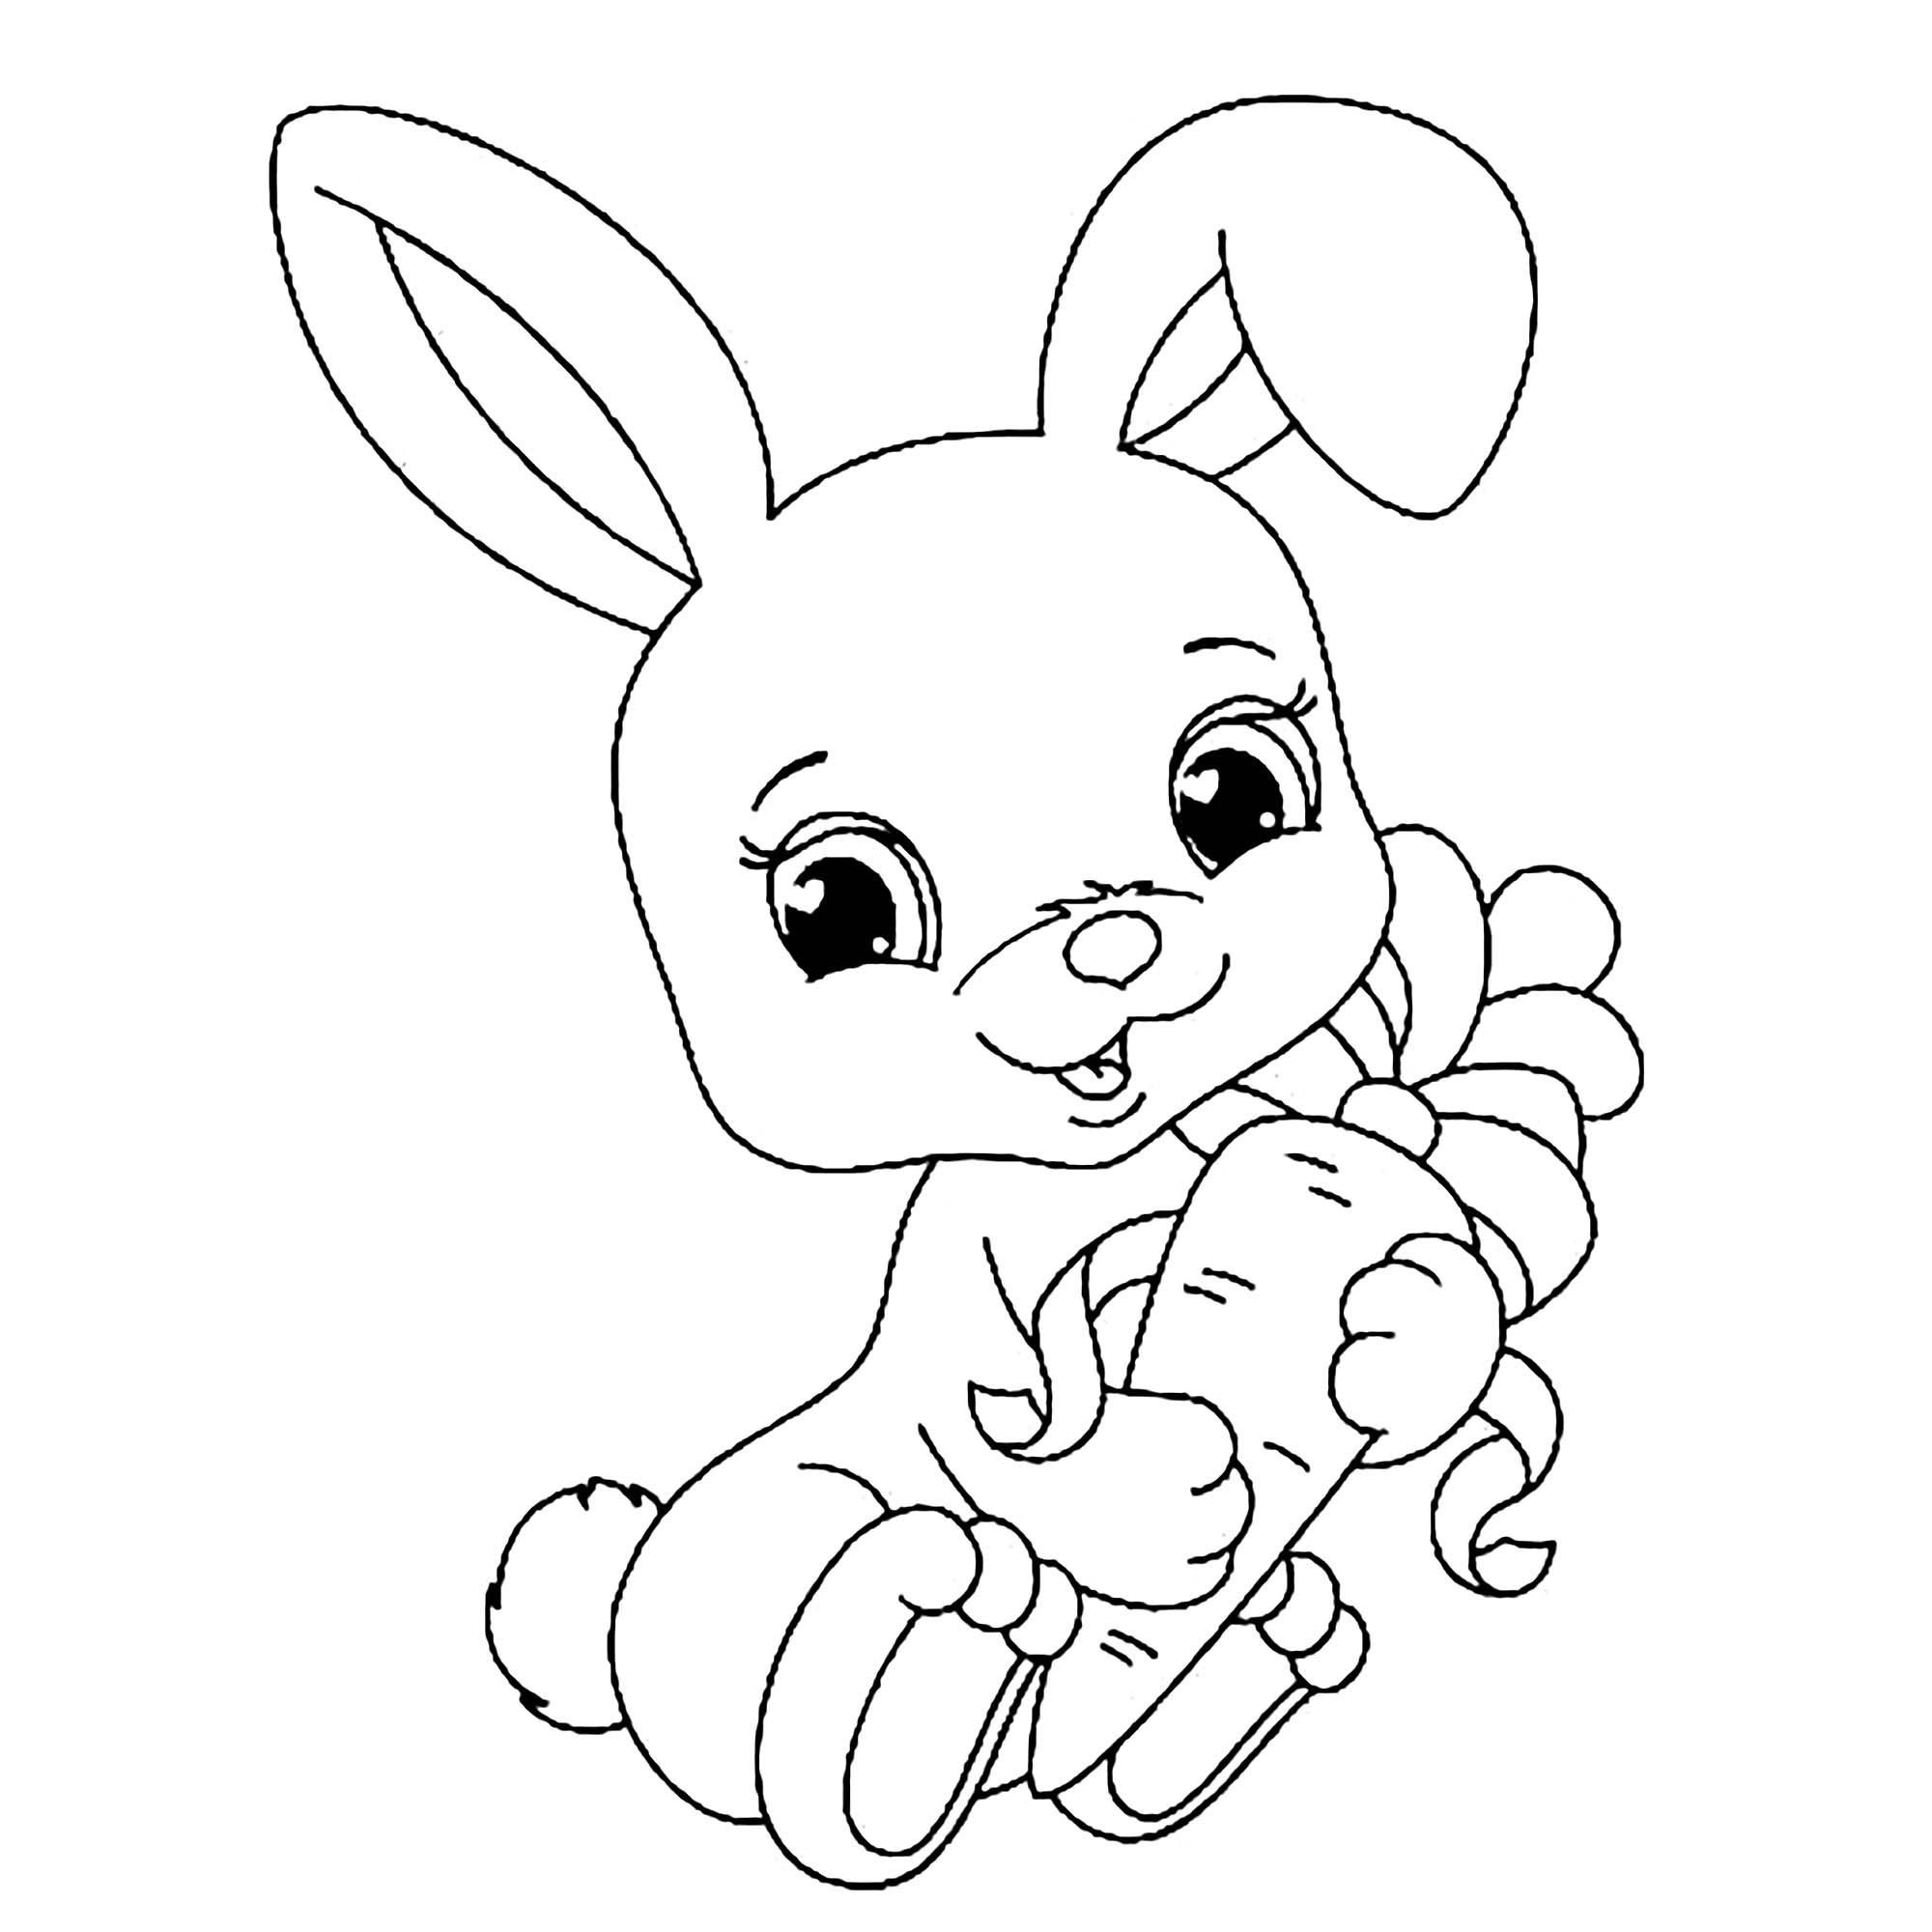 Lapereau - Coloriage De Lapins - Coloriages Pour Enfants dedans Coloriage Lapin A Imprimer Gratuit